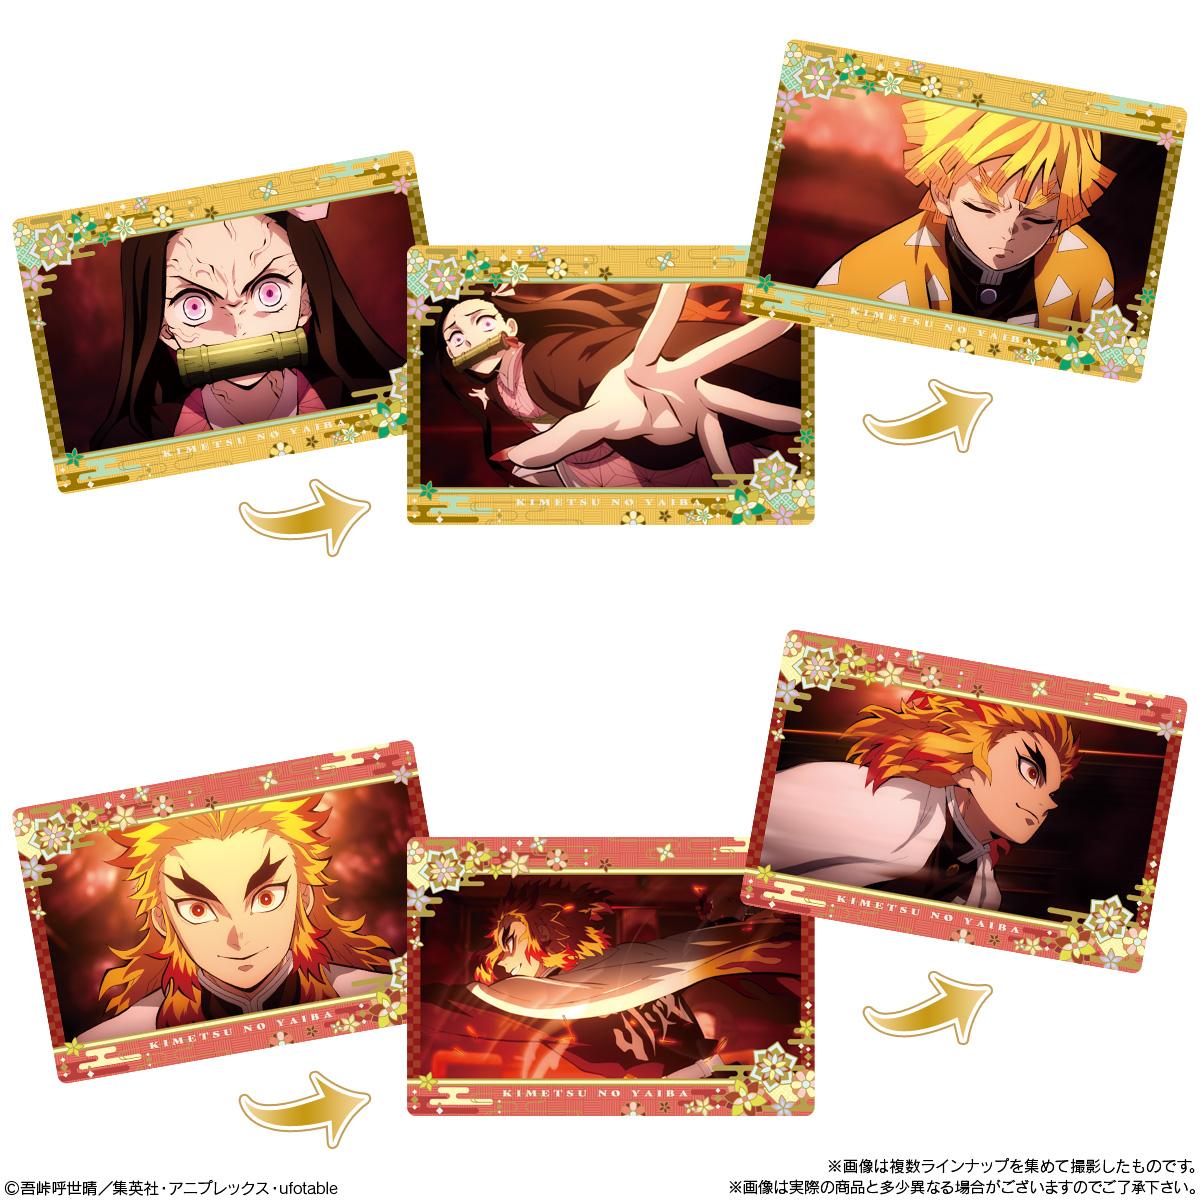 【食玩】鬼滅の刃『劇場版「鬼滅の刃」無限列車編 名場面回顧カードチョコスナック3』10個入りBOX-007